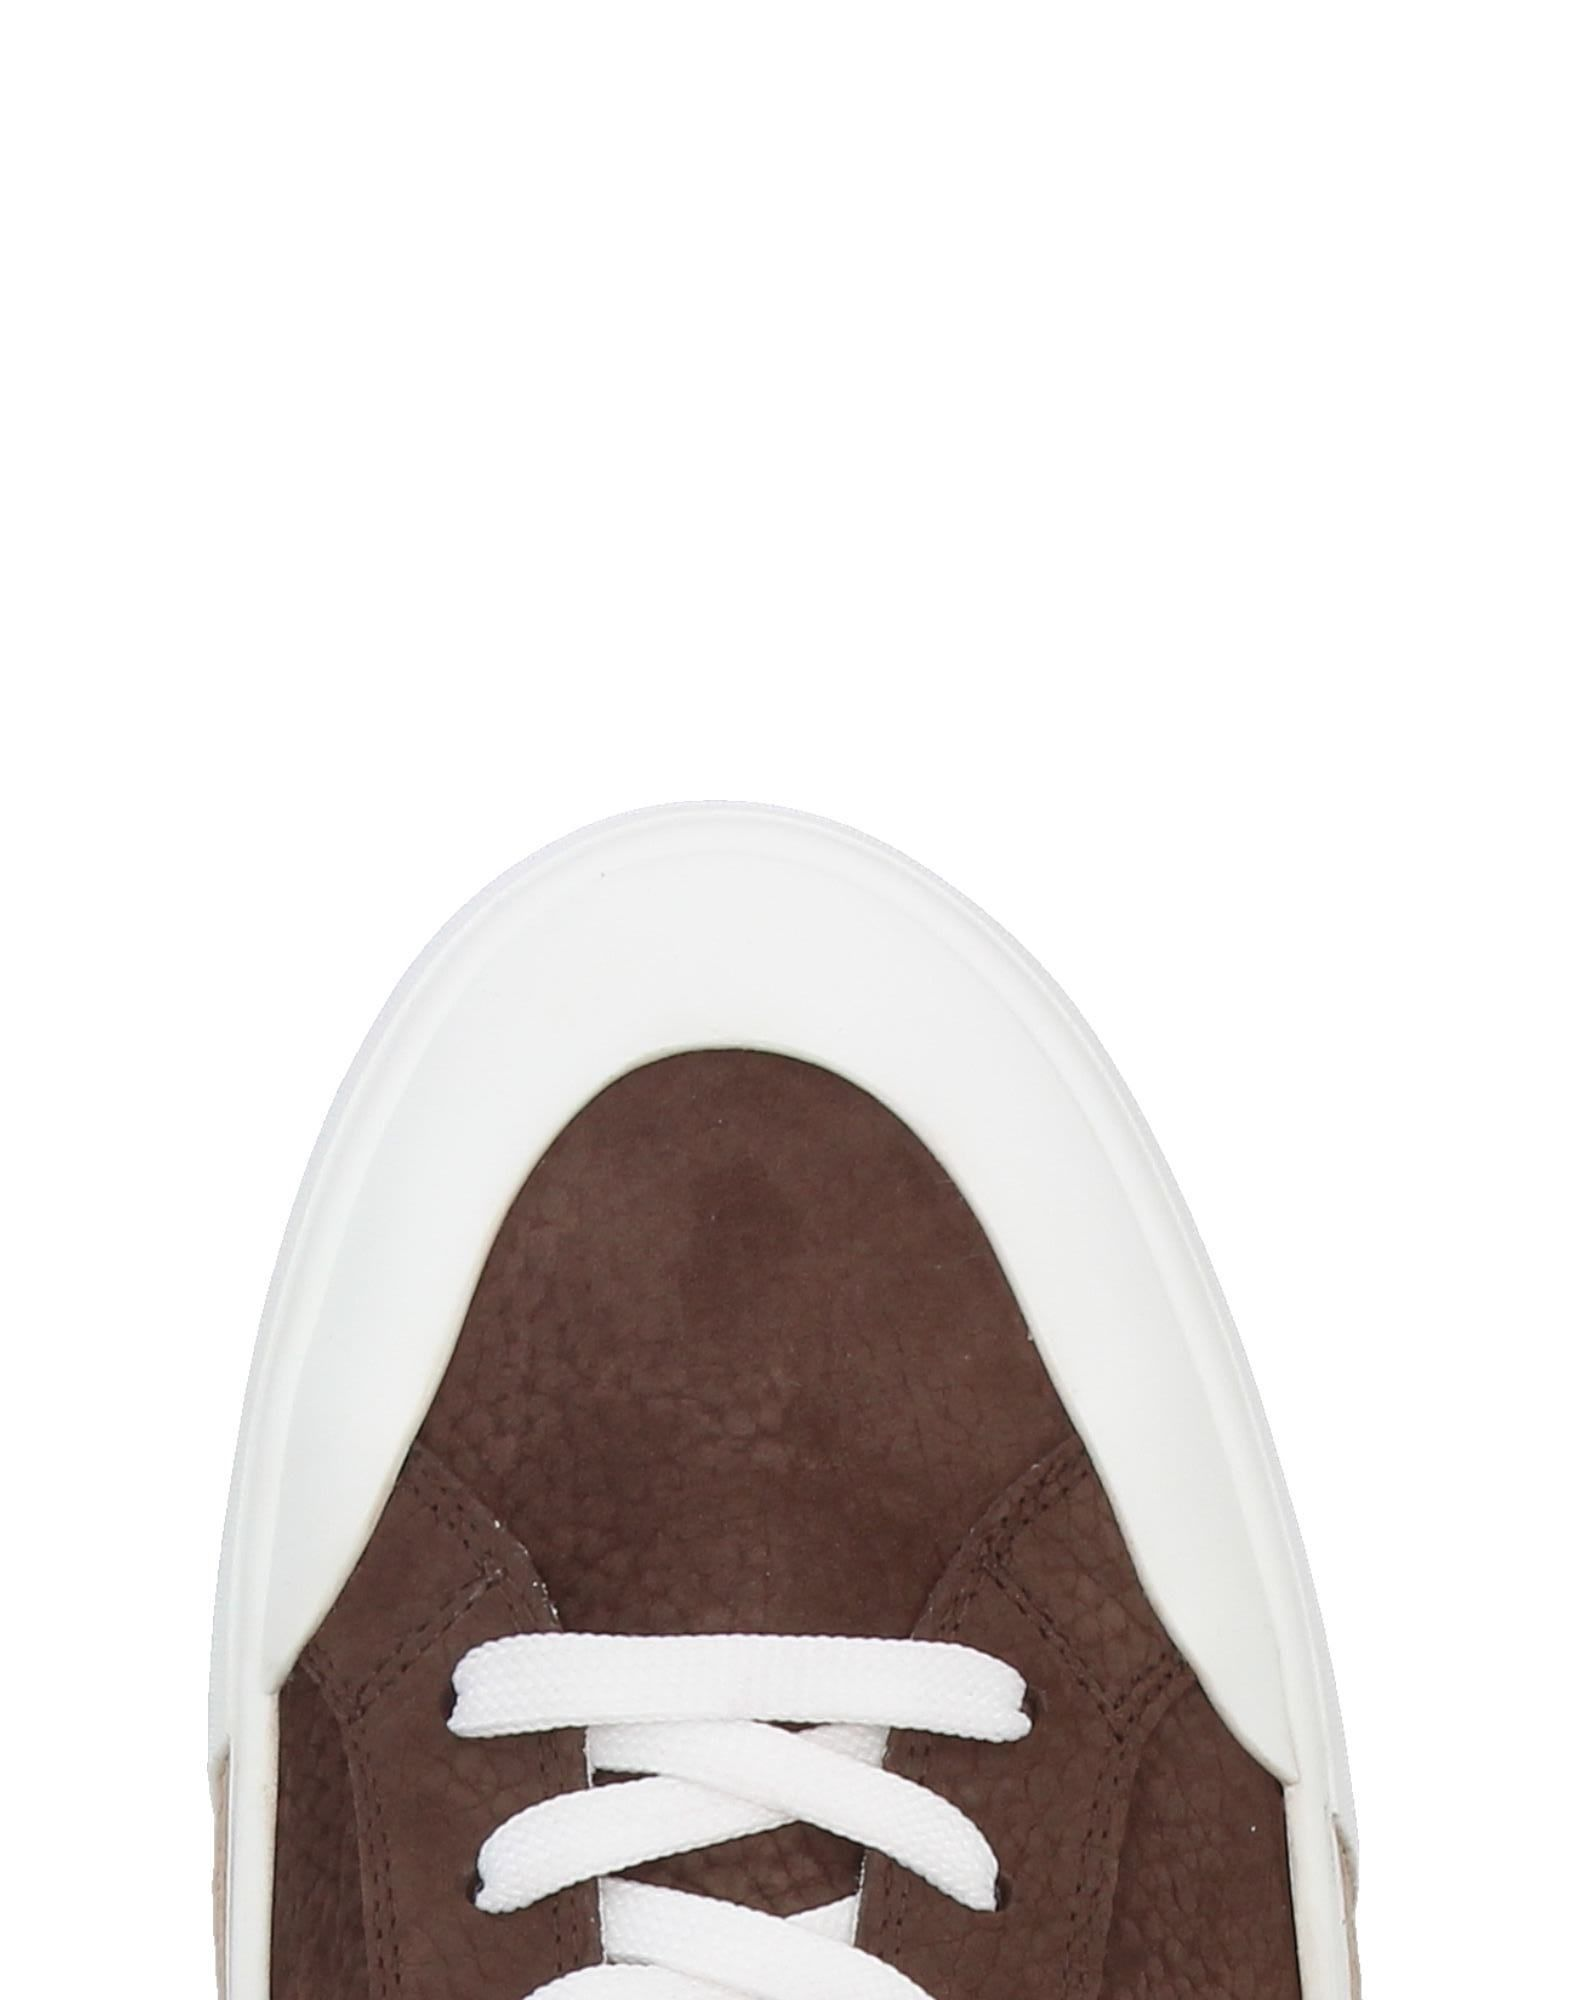 11397914VN Hogan Sneakers Herren  11397914VN  Heiße Schuhe 2e0dfe